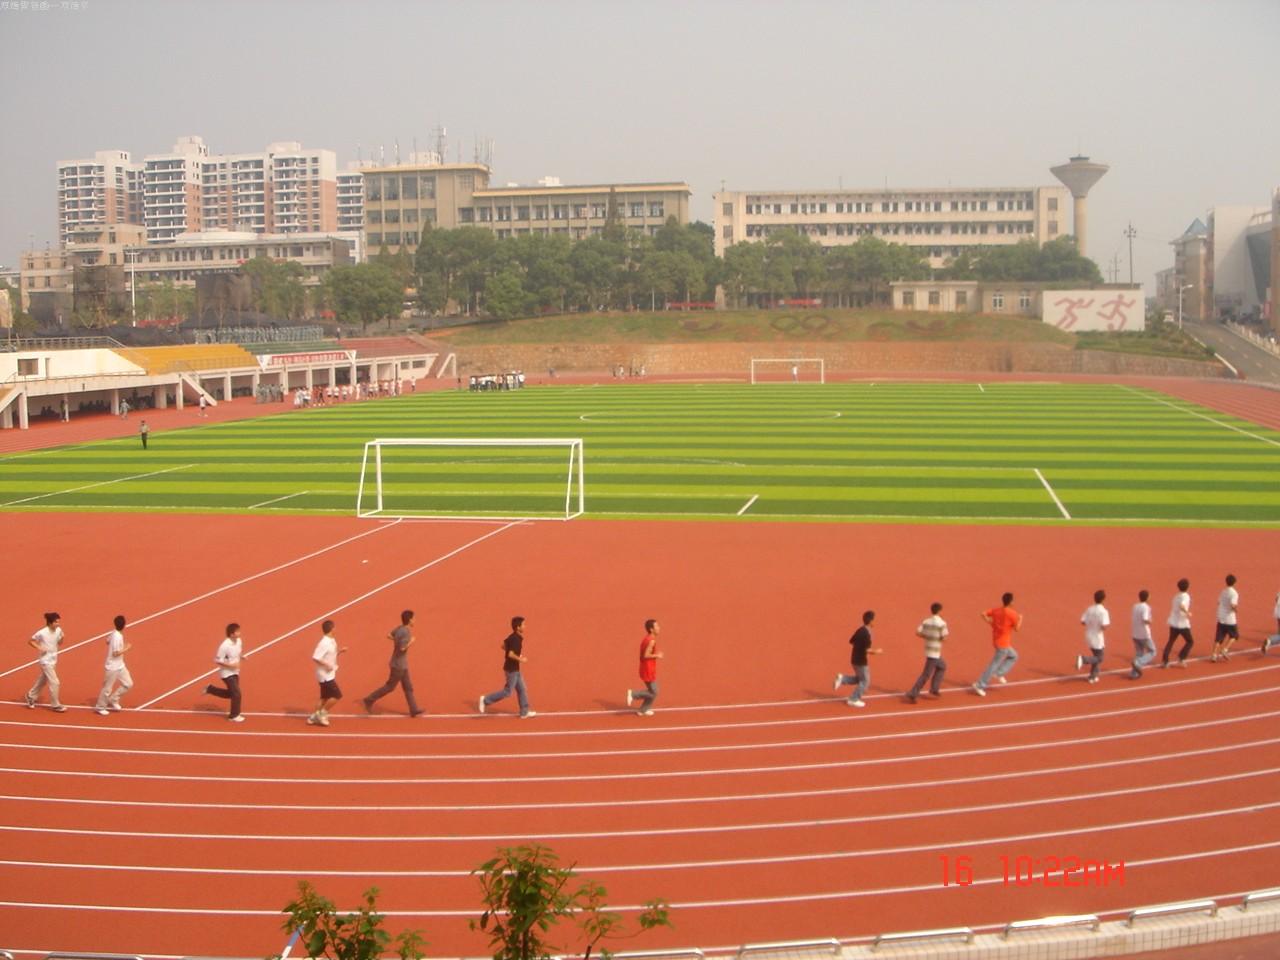 湖南工程职业技术学院 塑胶跑道运动场方案